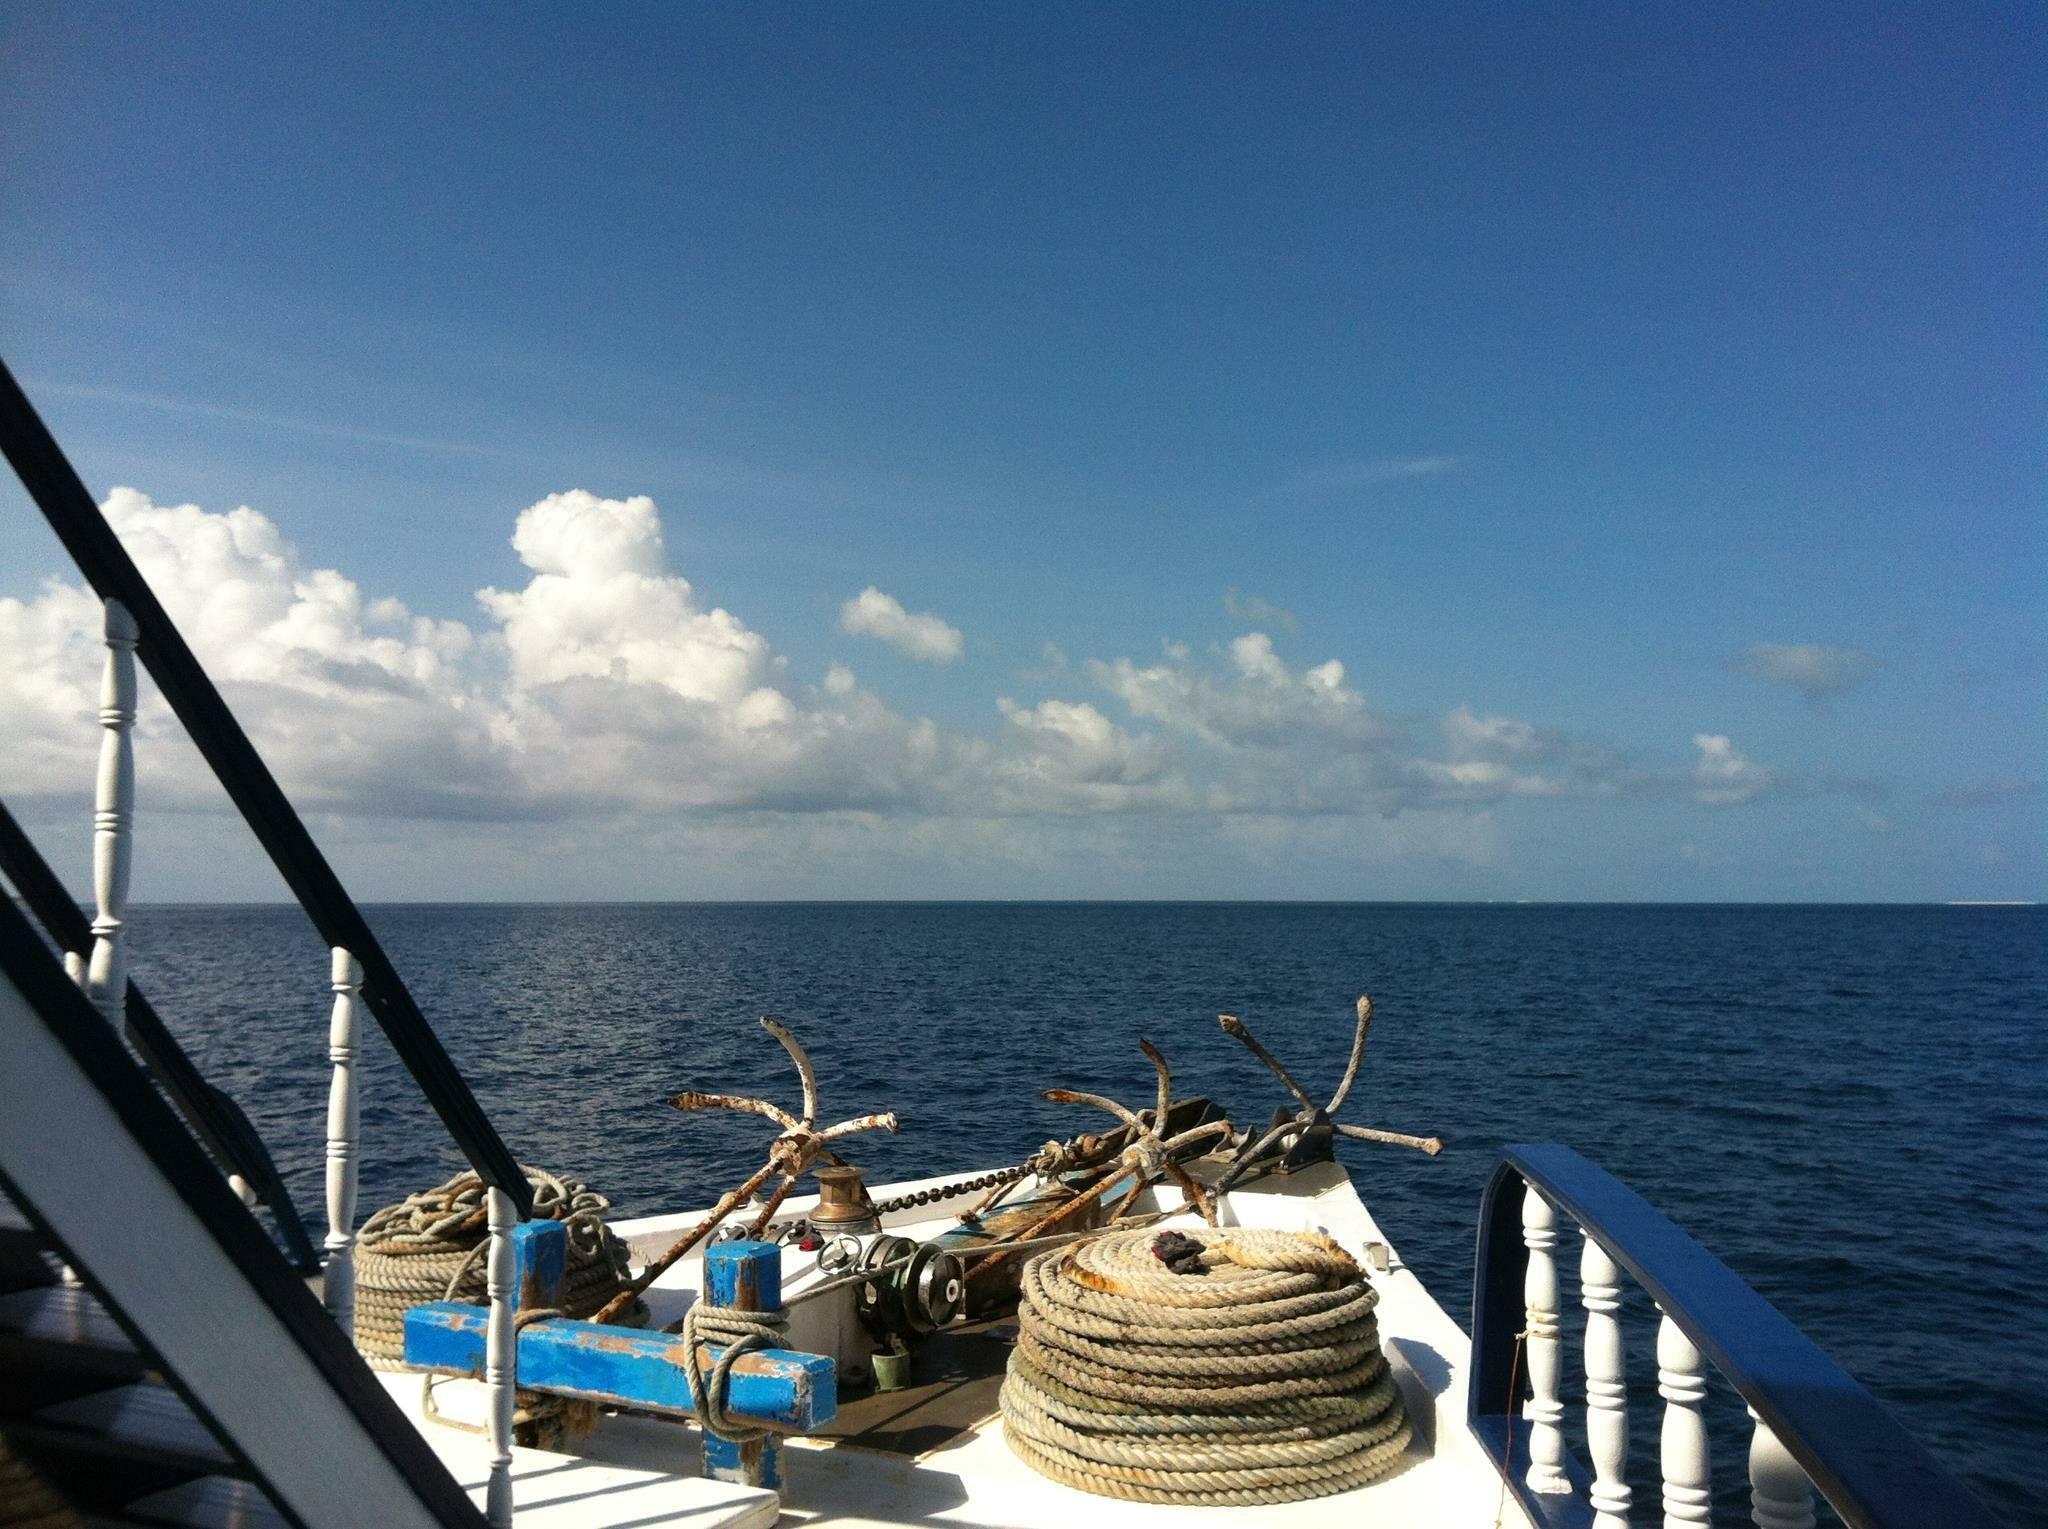 Photo 1: Croisière incontournable pour les inconditionnels de plongée sous-marine